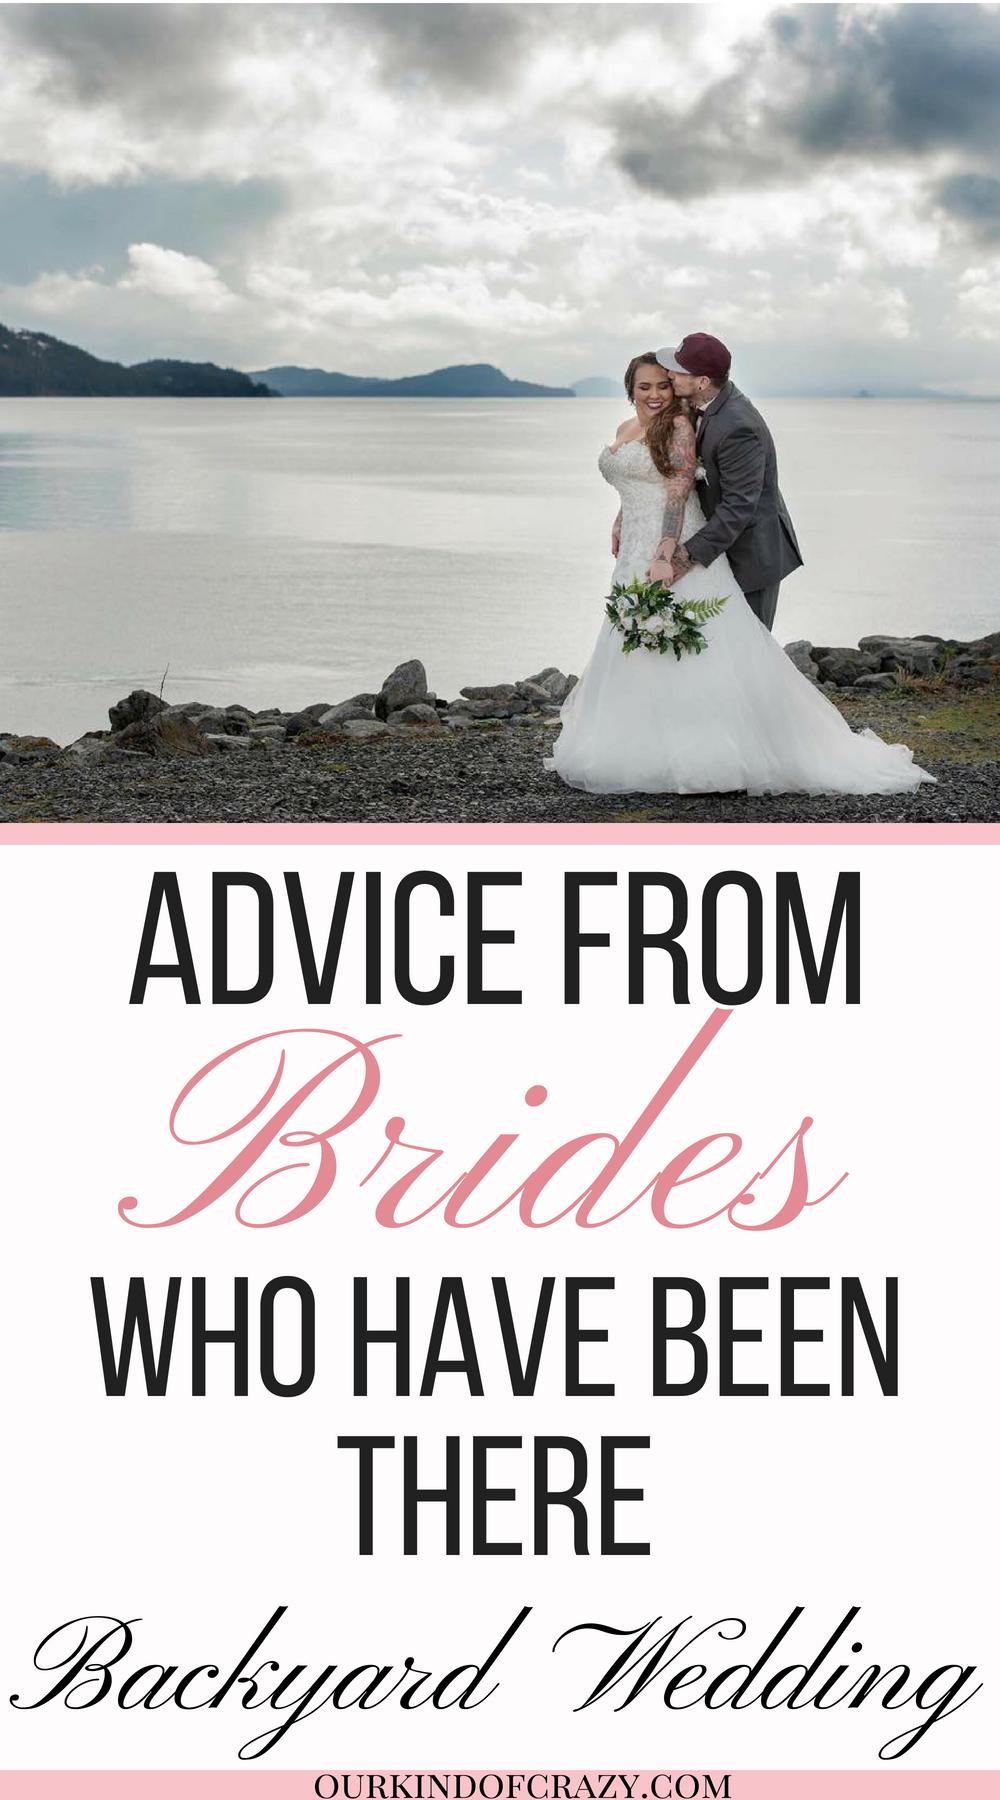 Wedding Planning advice for a backyard wedding, Alaska Wedding  How to plan a backyard wedding